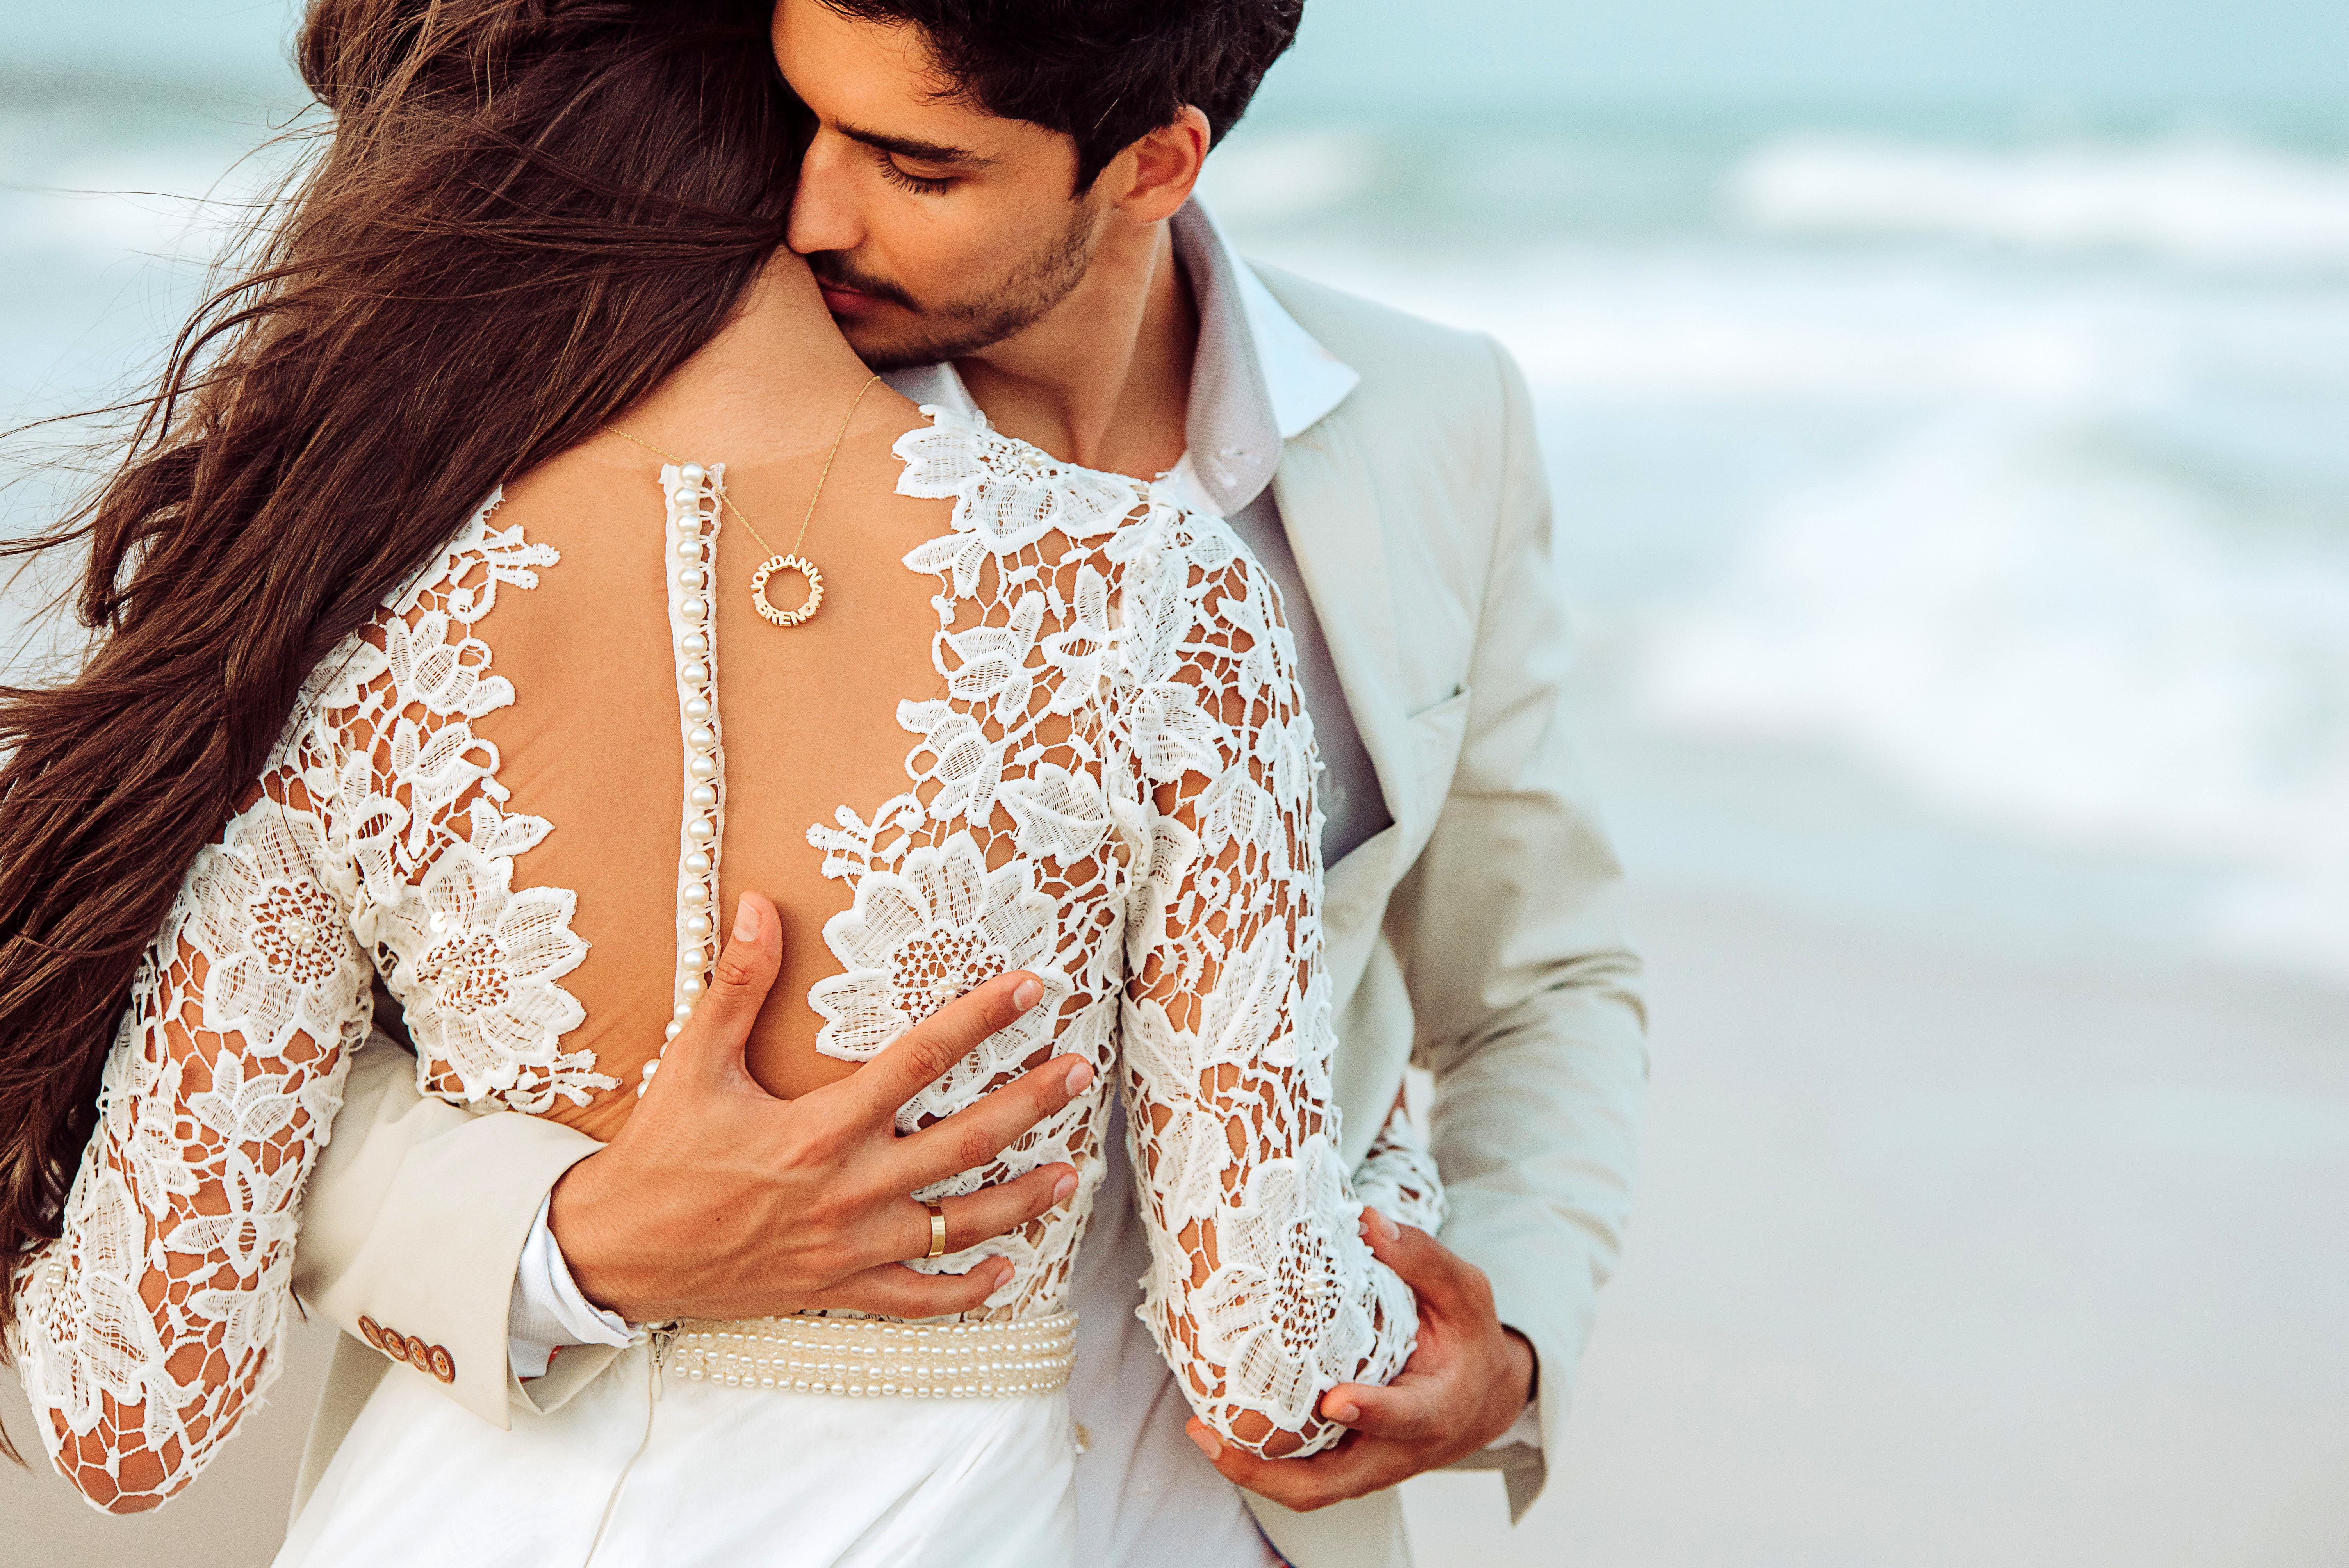 Contate Johnny Araújo - Fotógrafo de casamentos e ensaios de João Pessoa - Paraíba